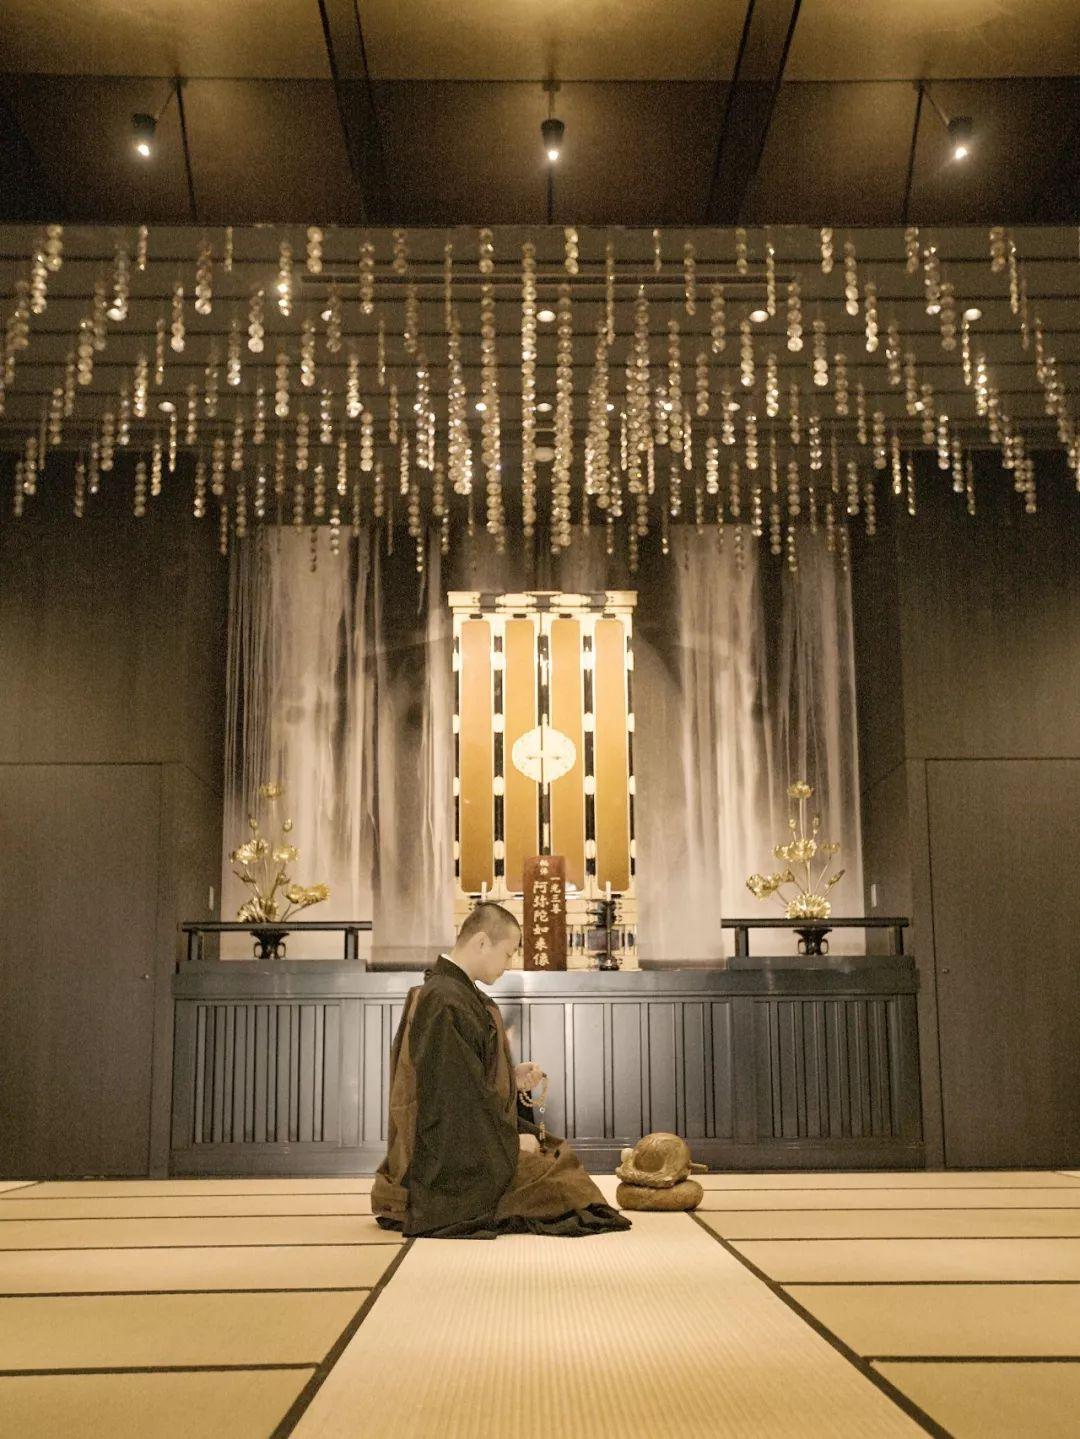 360年历史的寺庙改造,用水晶做围墙,斩获日本设计大奖!_10